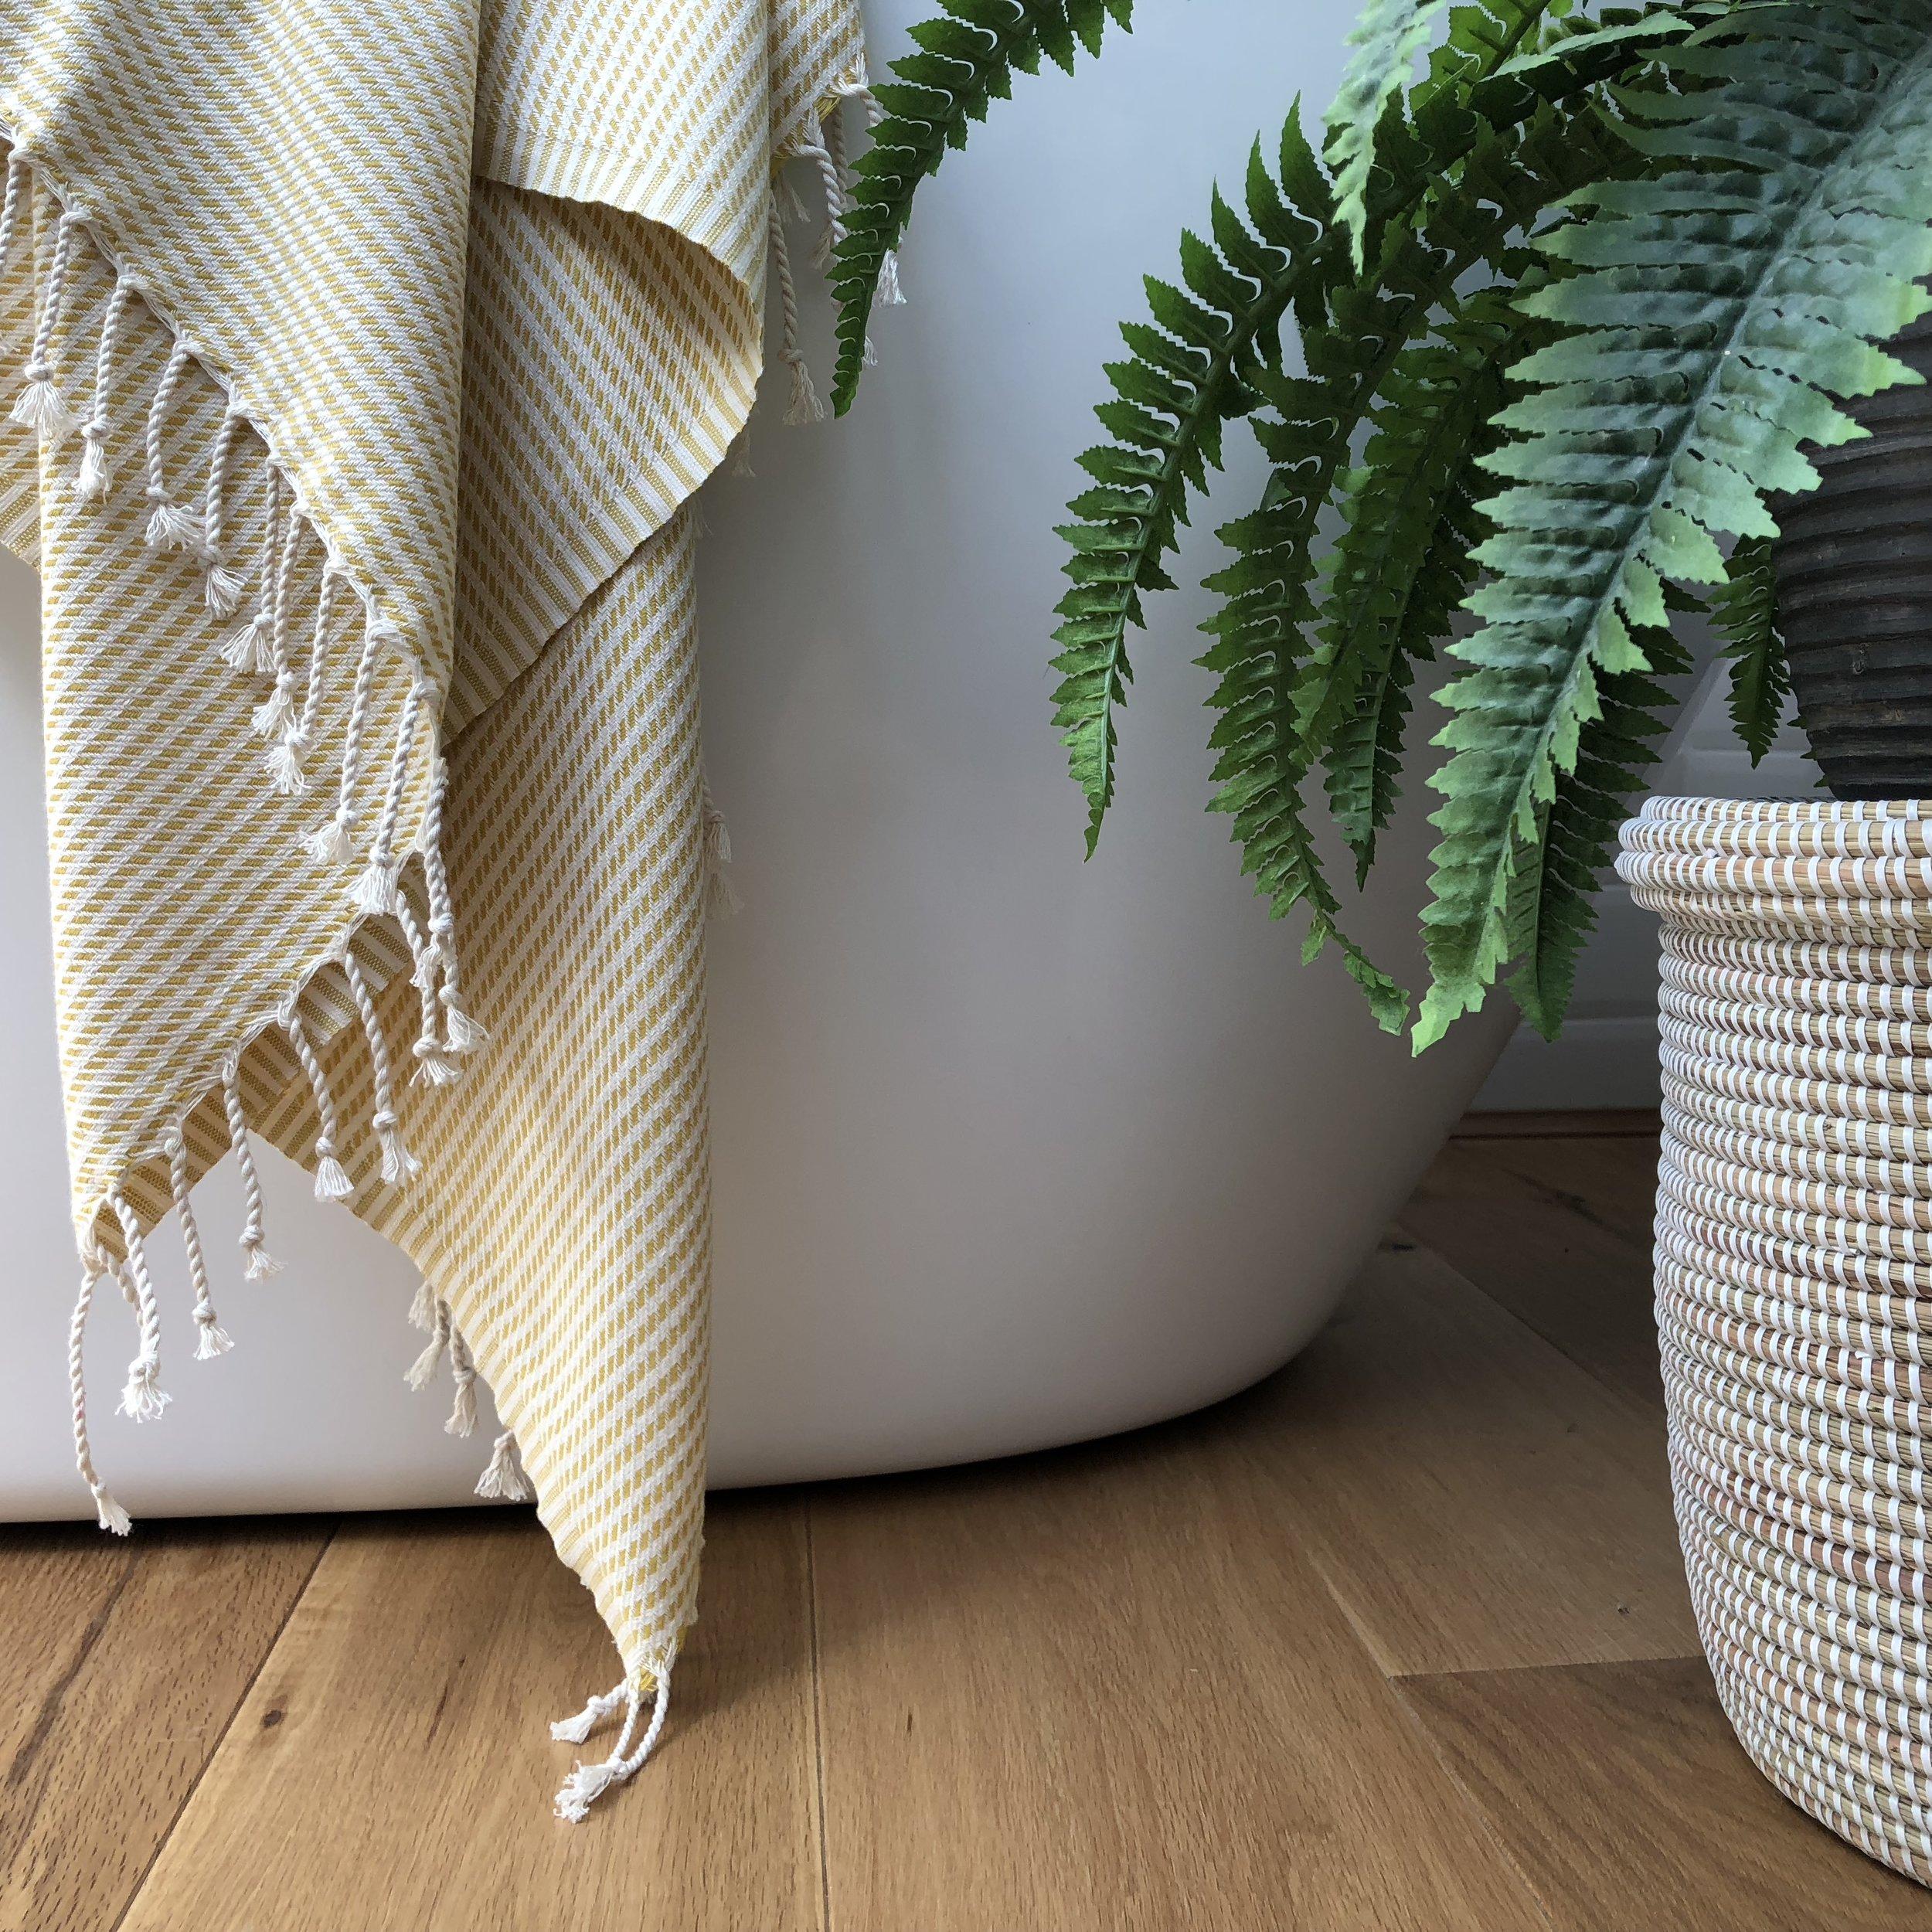 Handwoven Peshtemal Towel